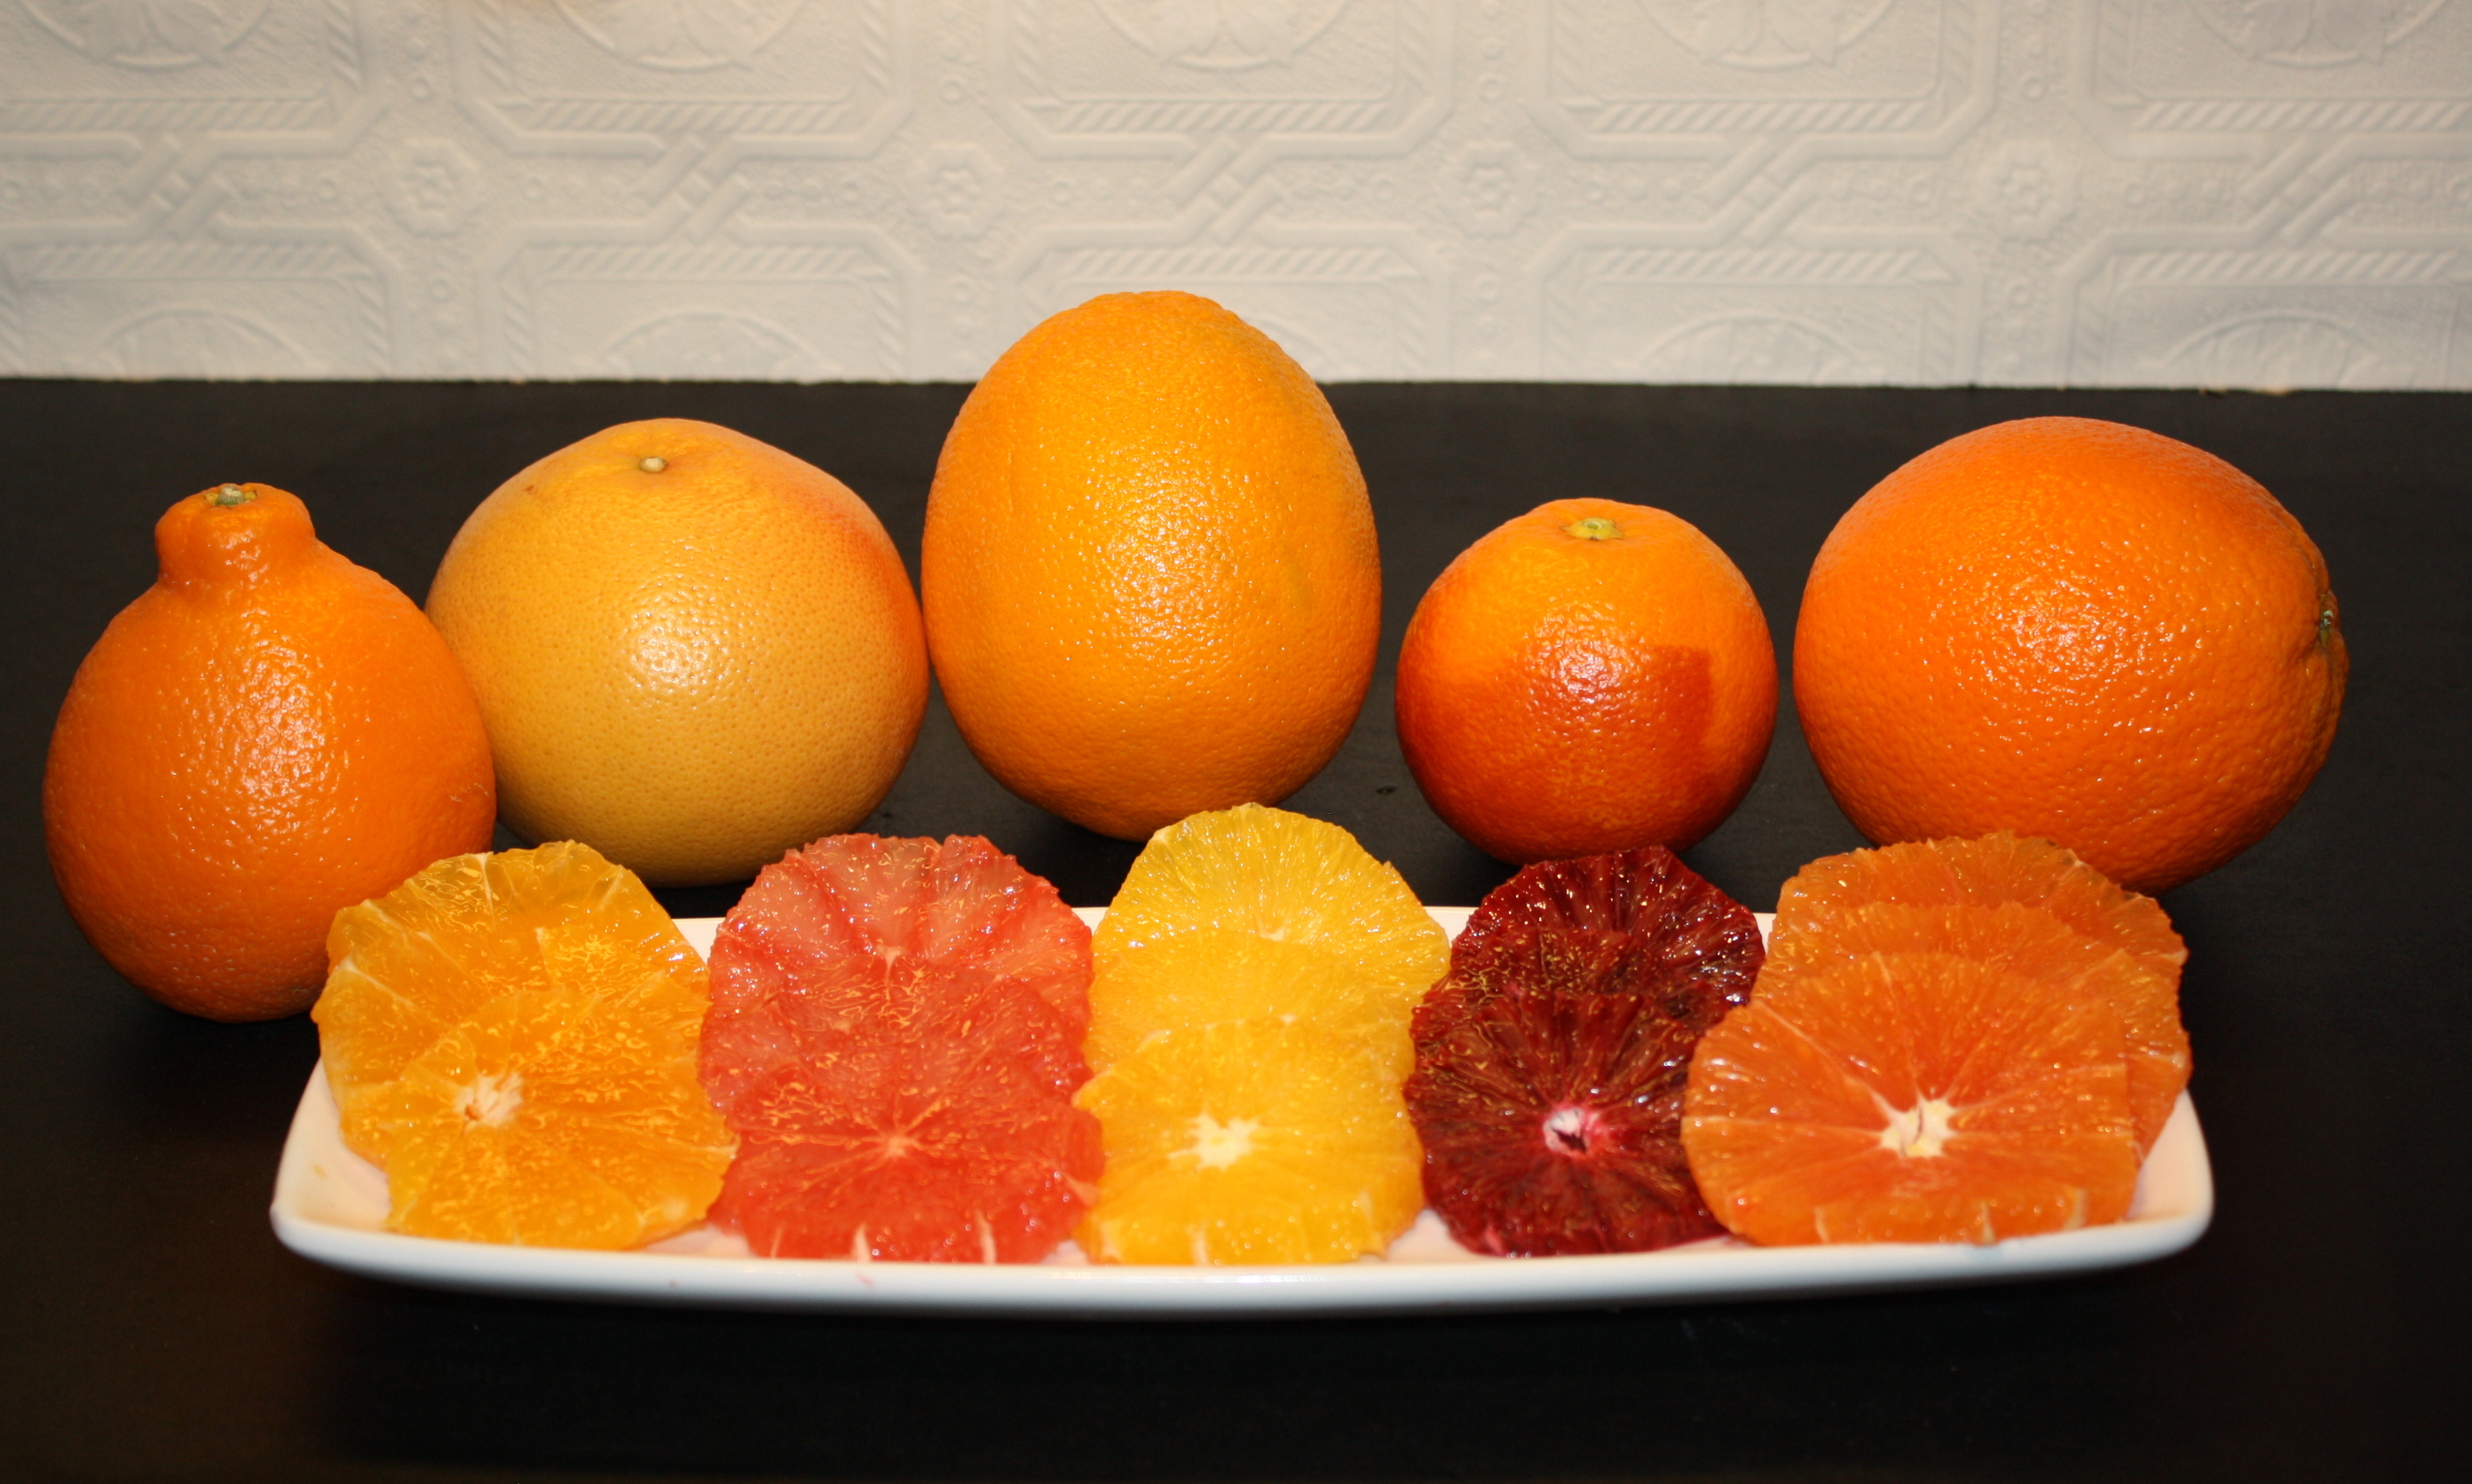 orange-varieties